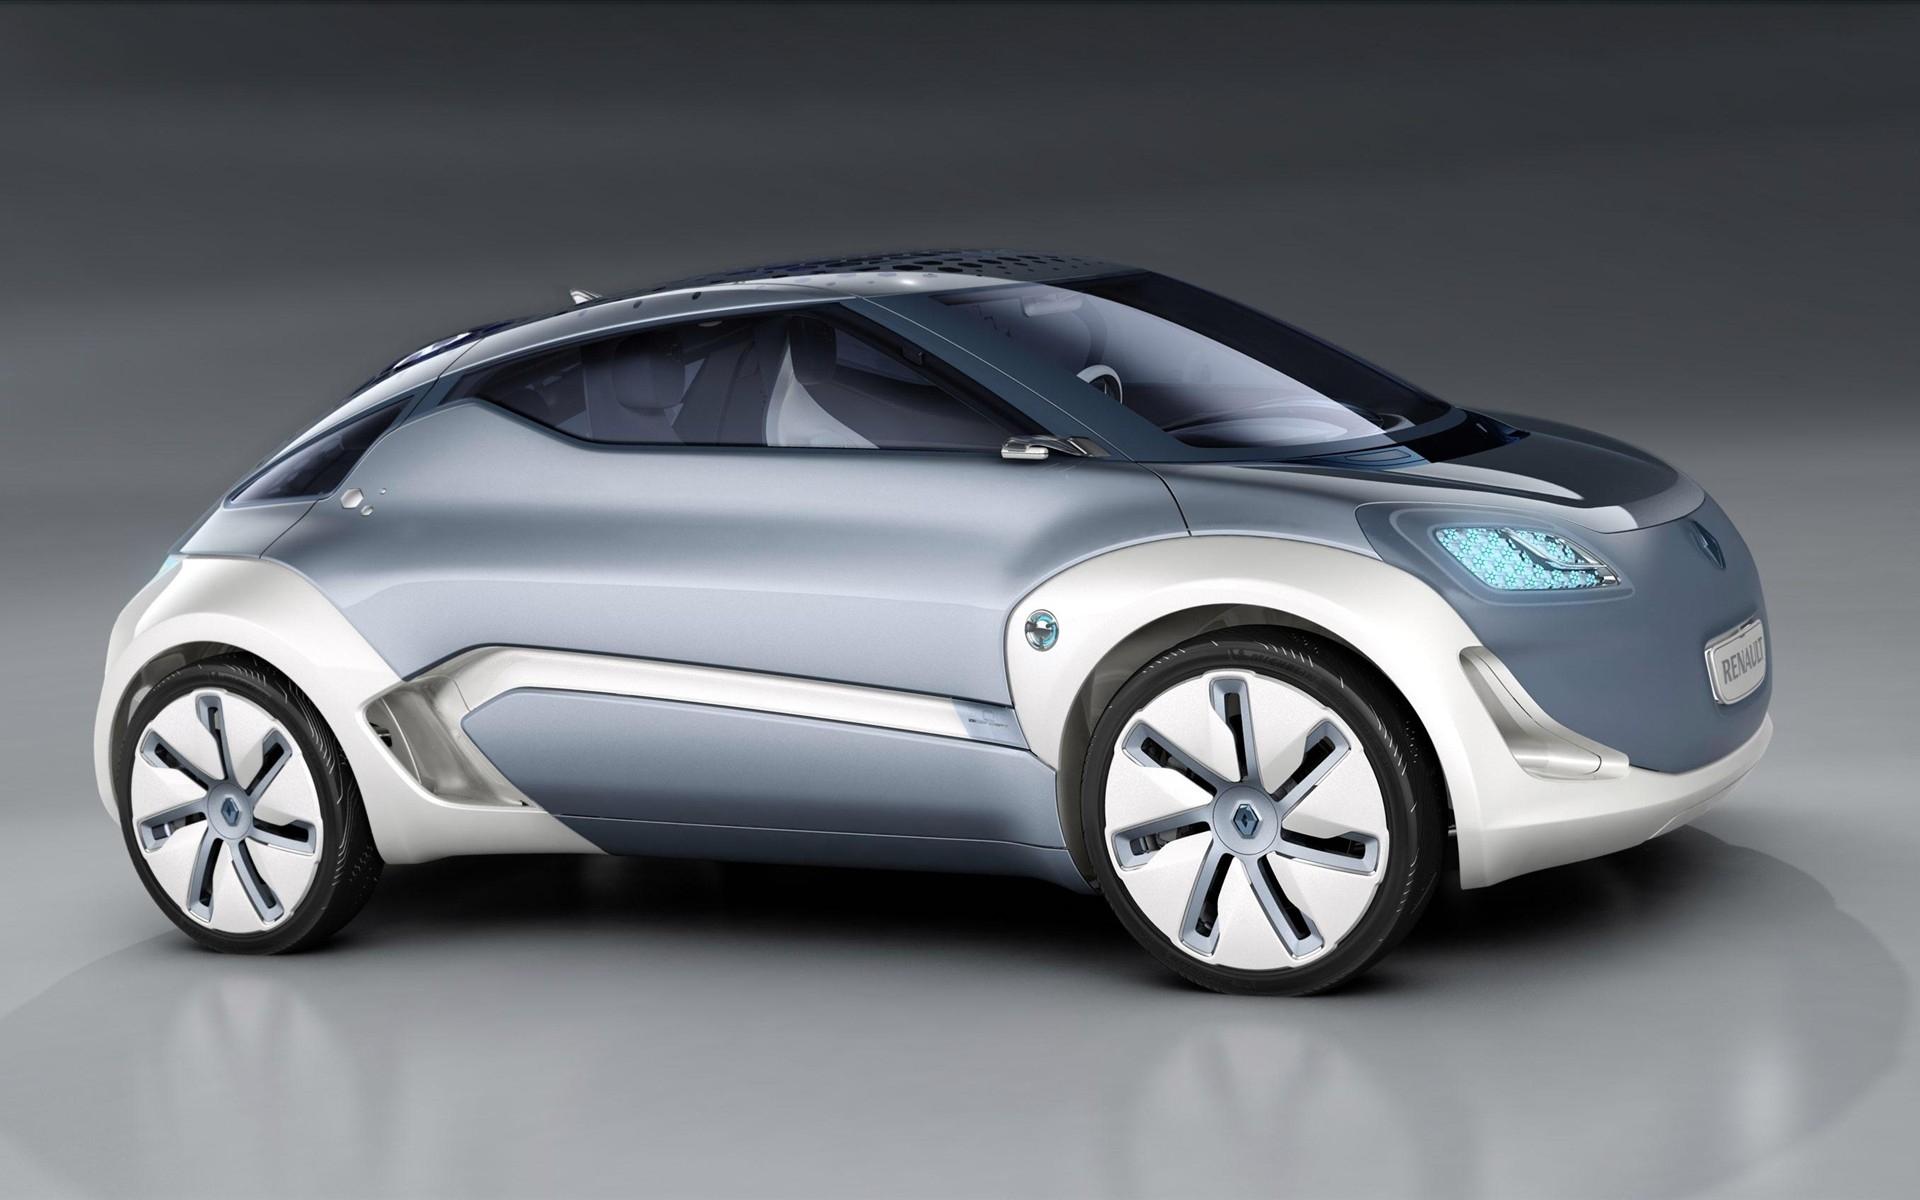 26061 скачать обои Транспорт, Машины, Рено (Renault) - заставки и картинки бесплатно